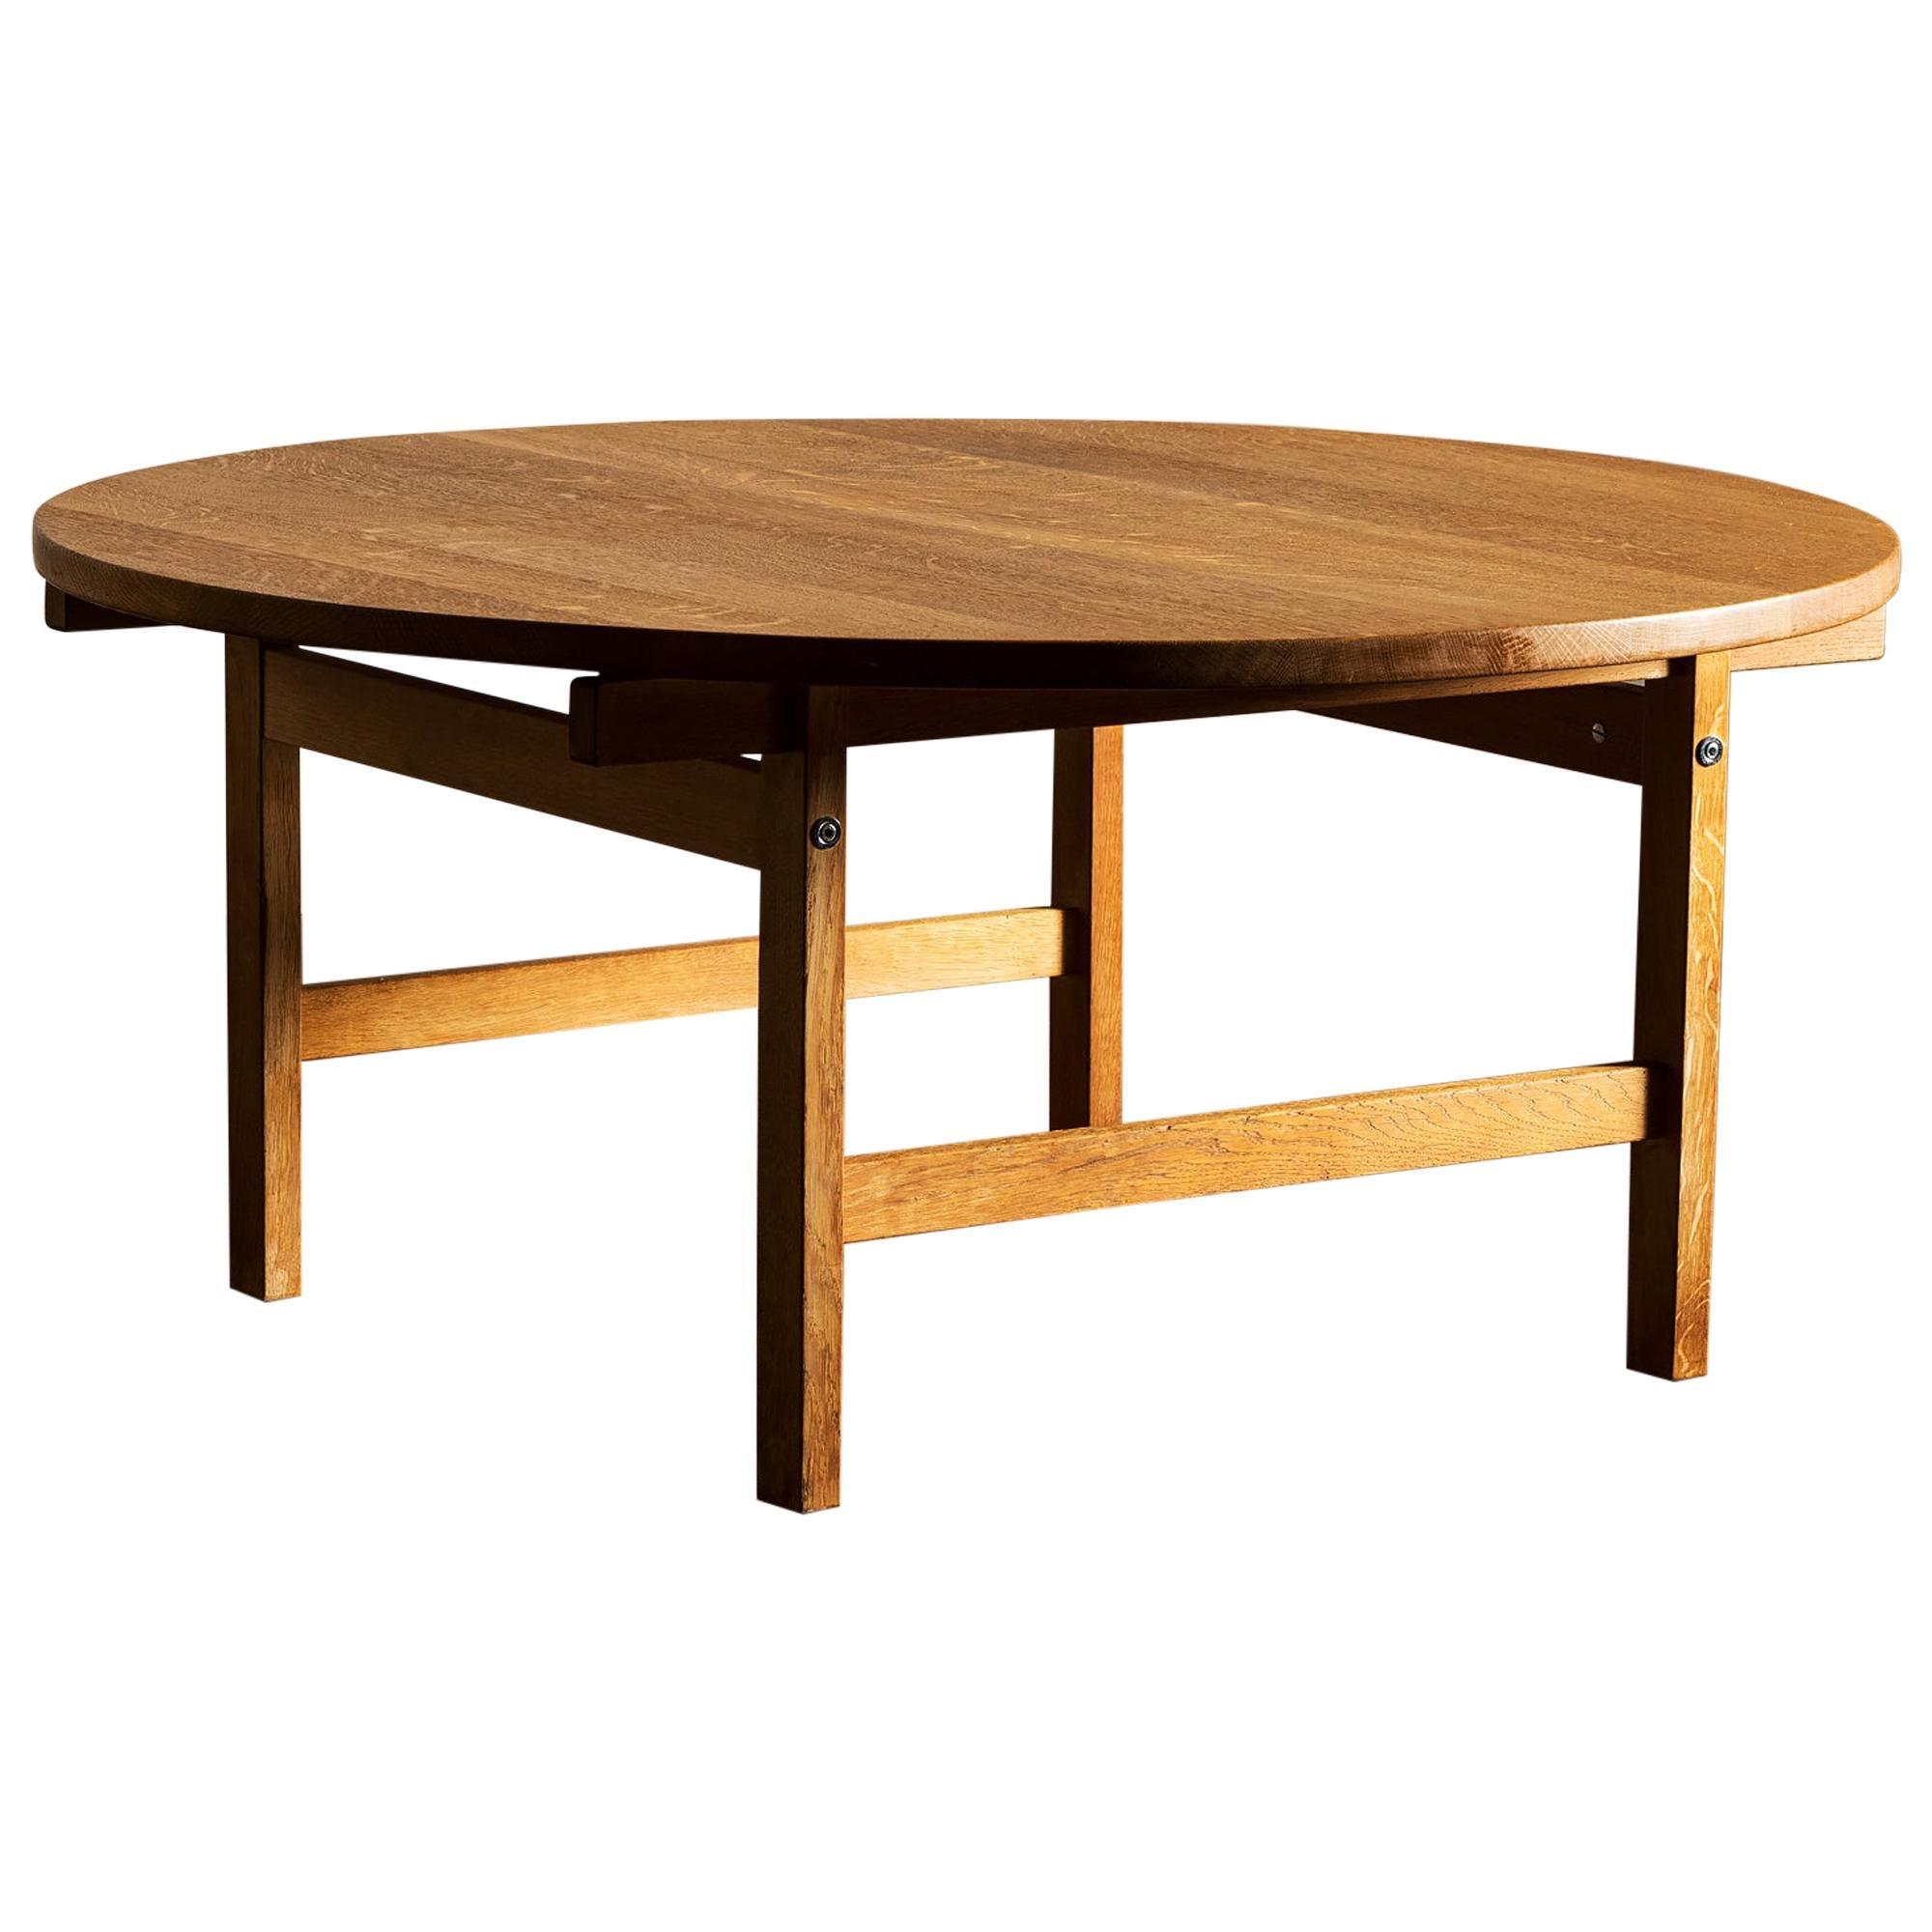 Hans Wegner Round Oak Coffee Table for Andreas Tuck, Denmark, 1960s